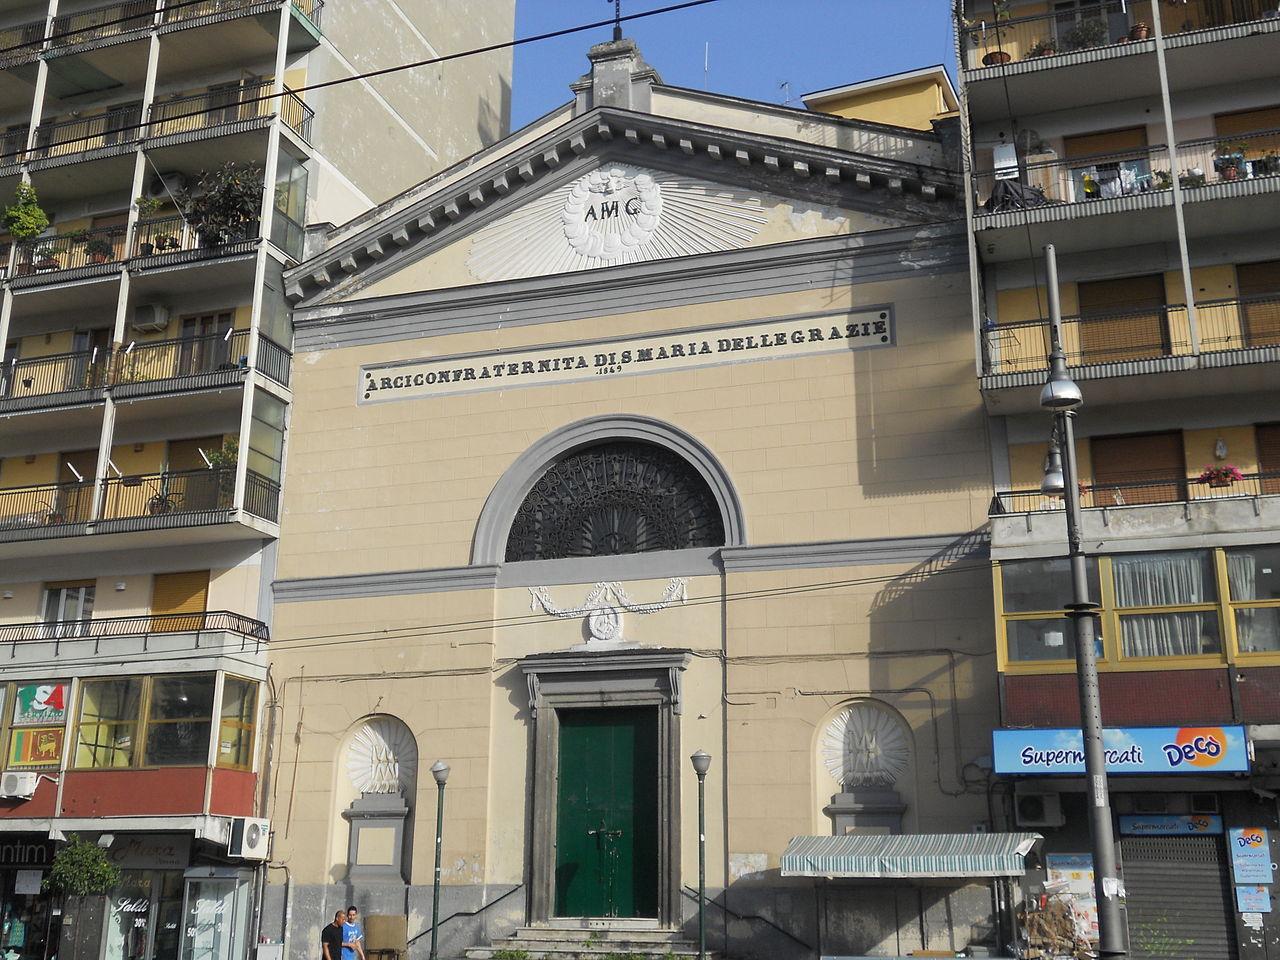 facciata chiesa santa maria delle grazie a Piazza Cavour